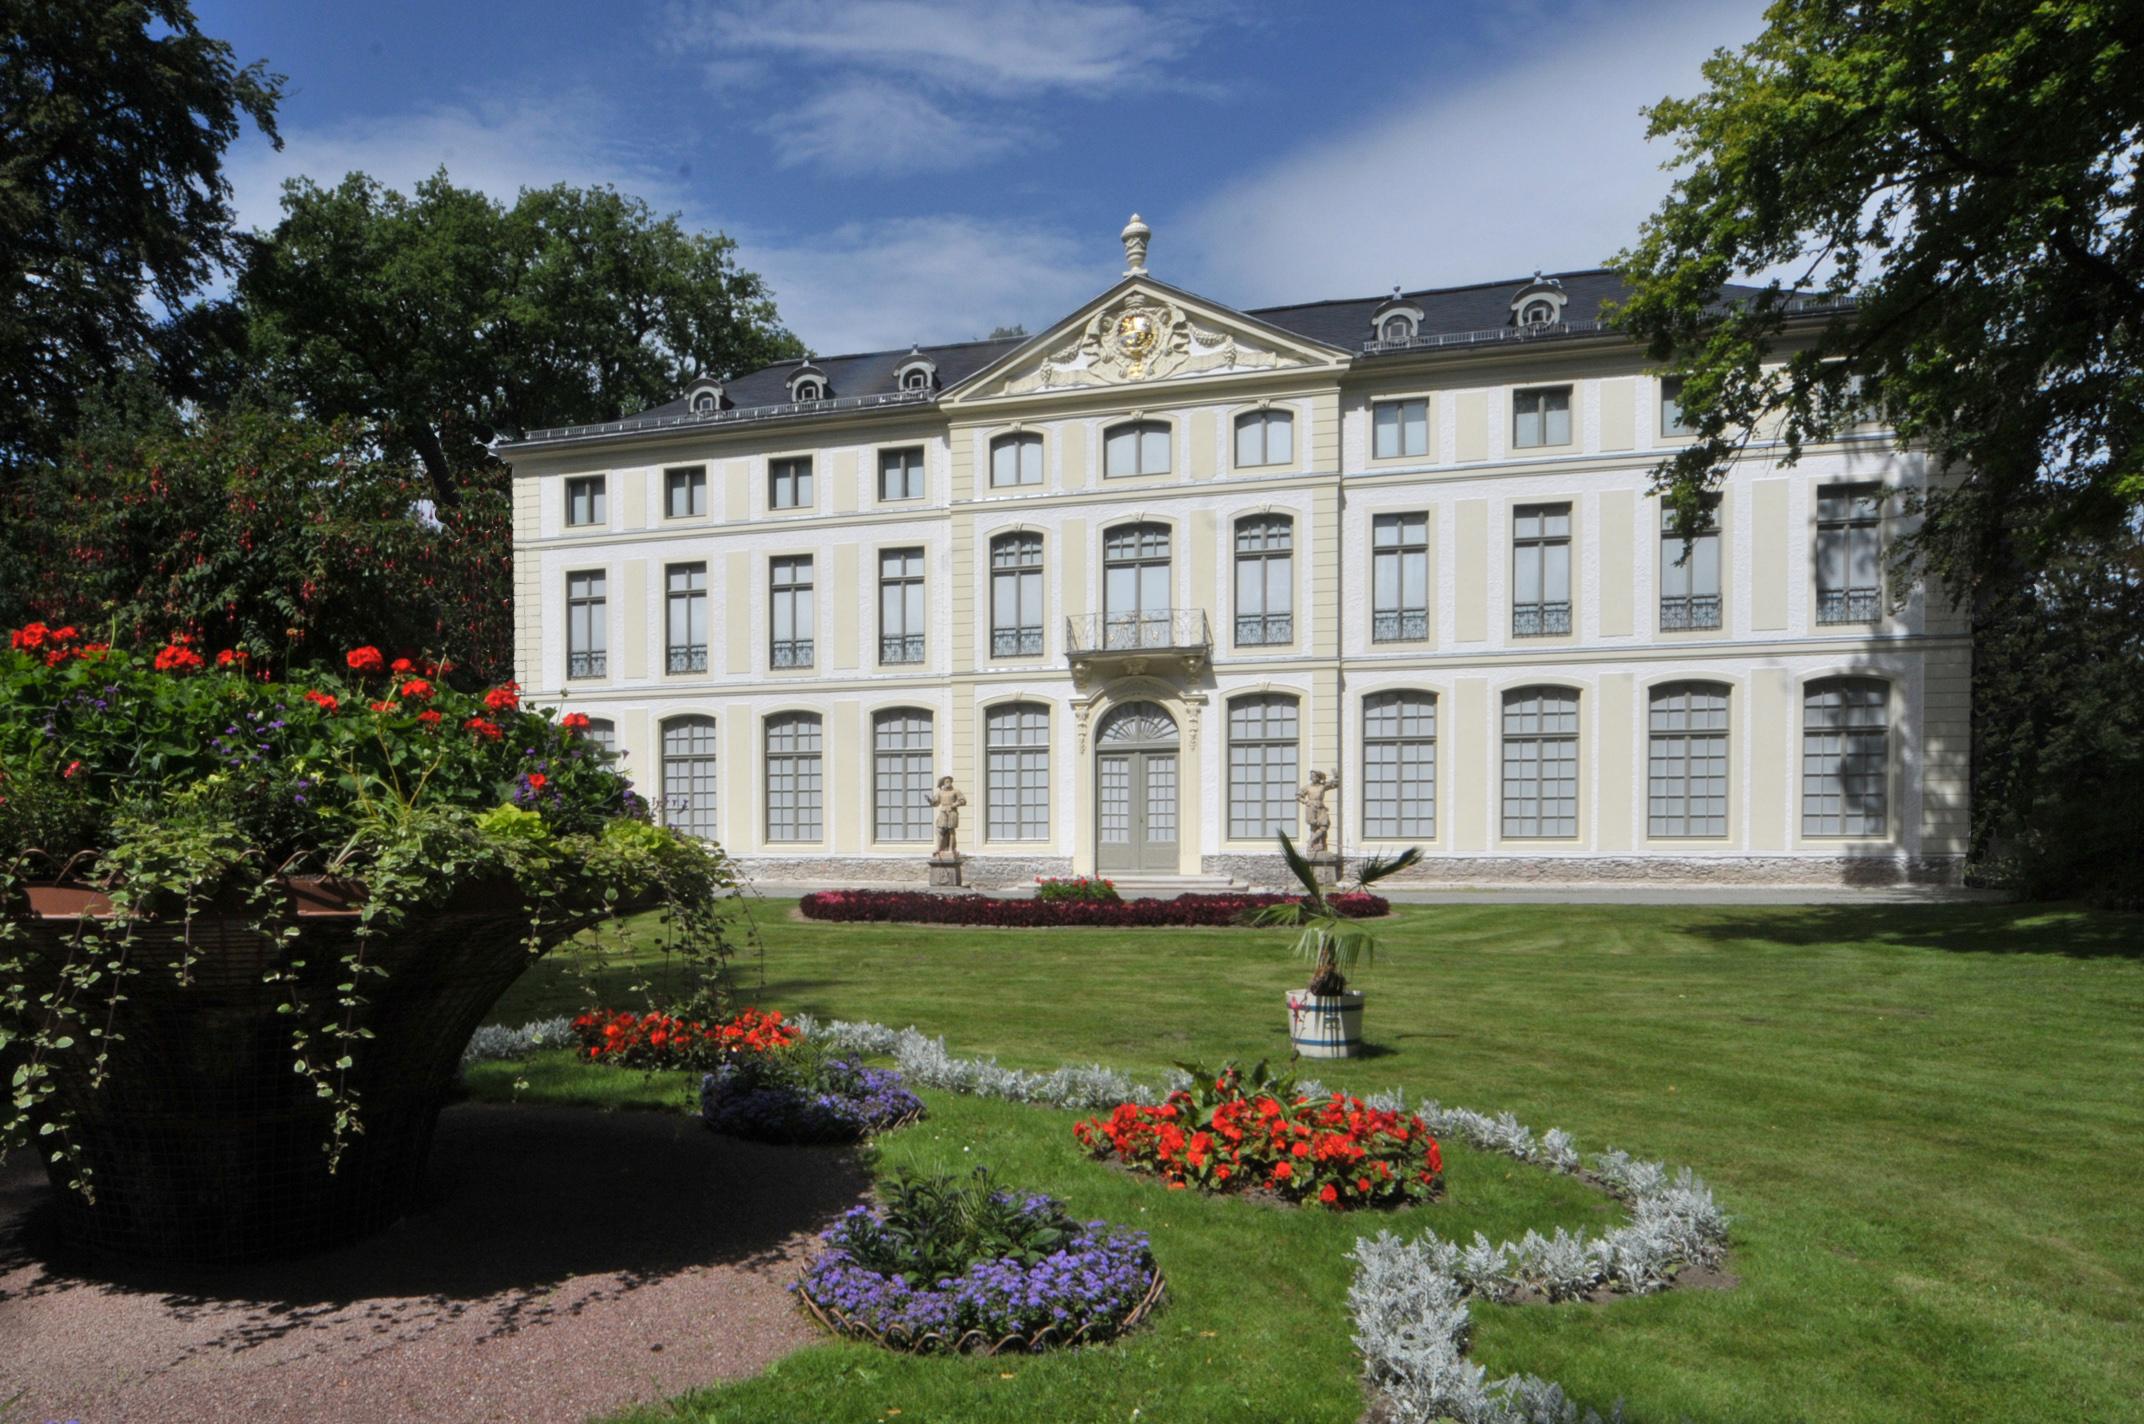 Das Sommerpalais Greiz